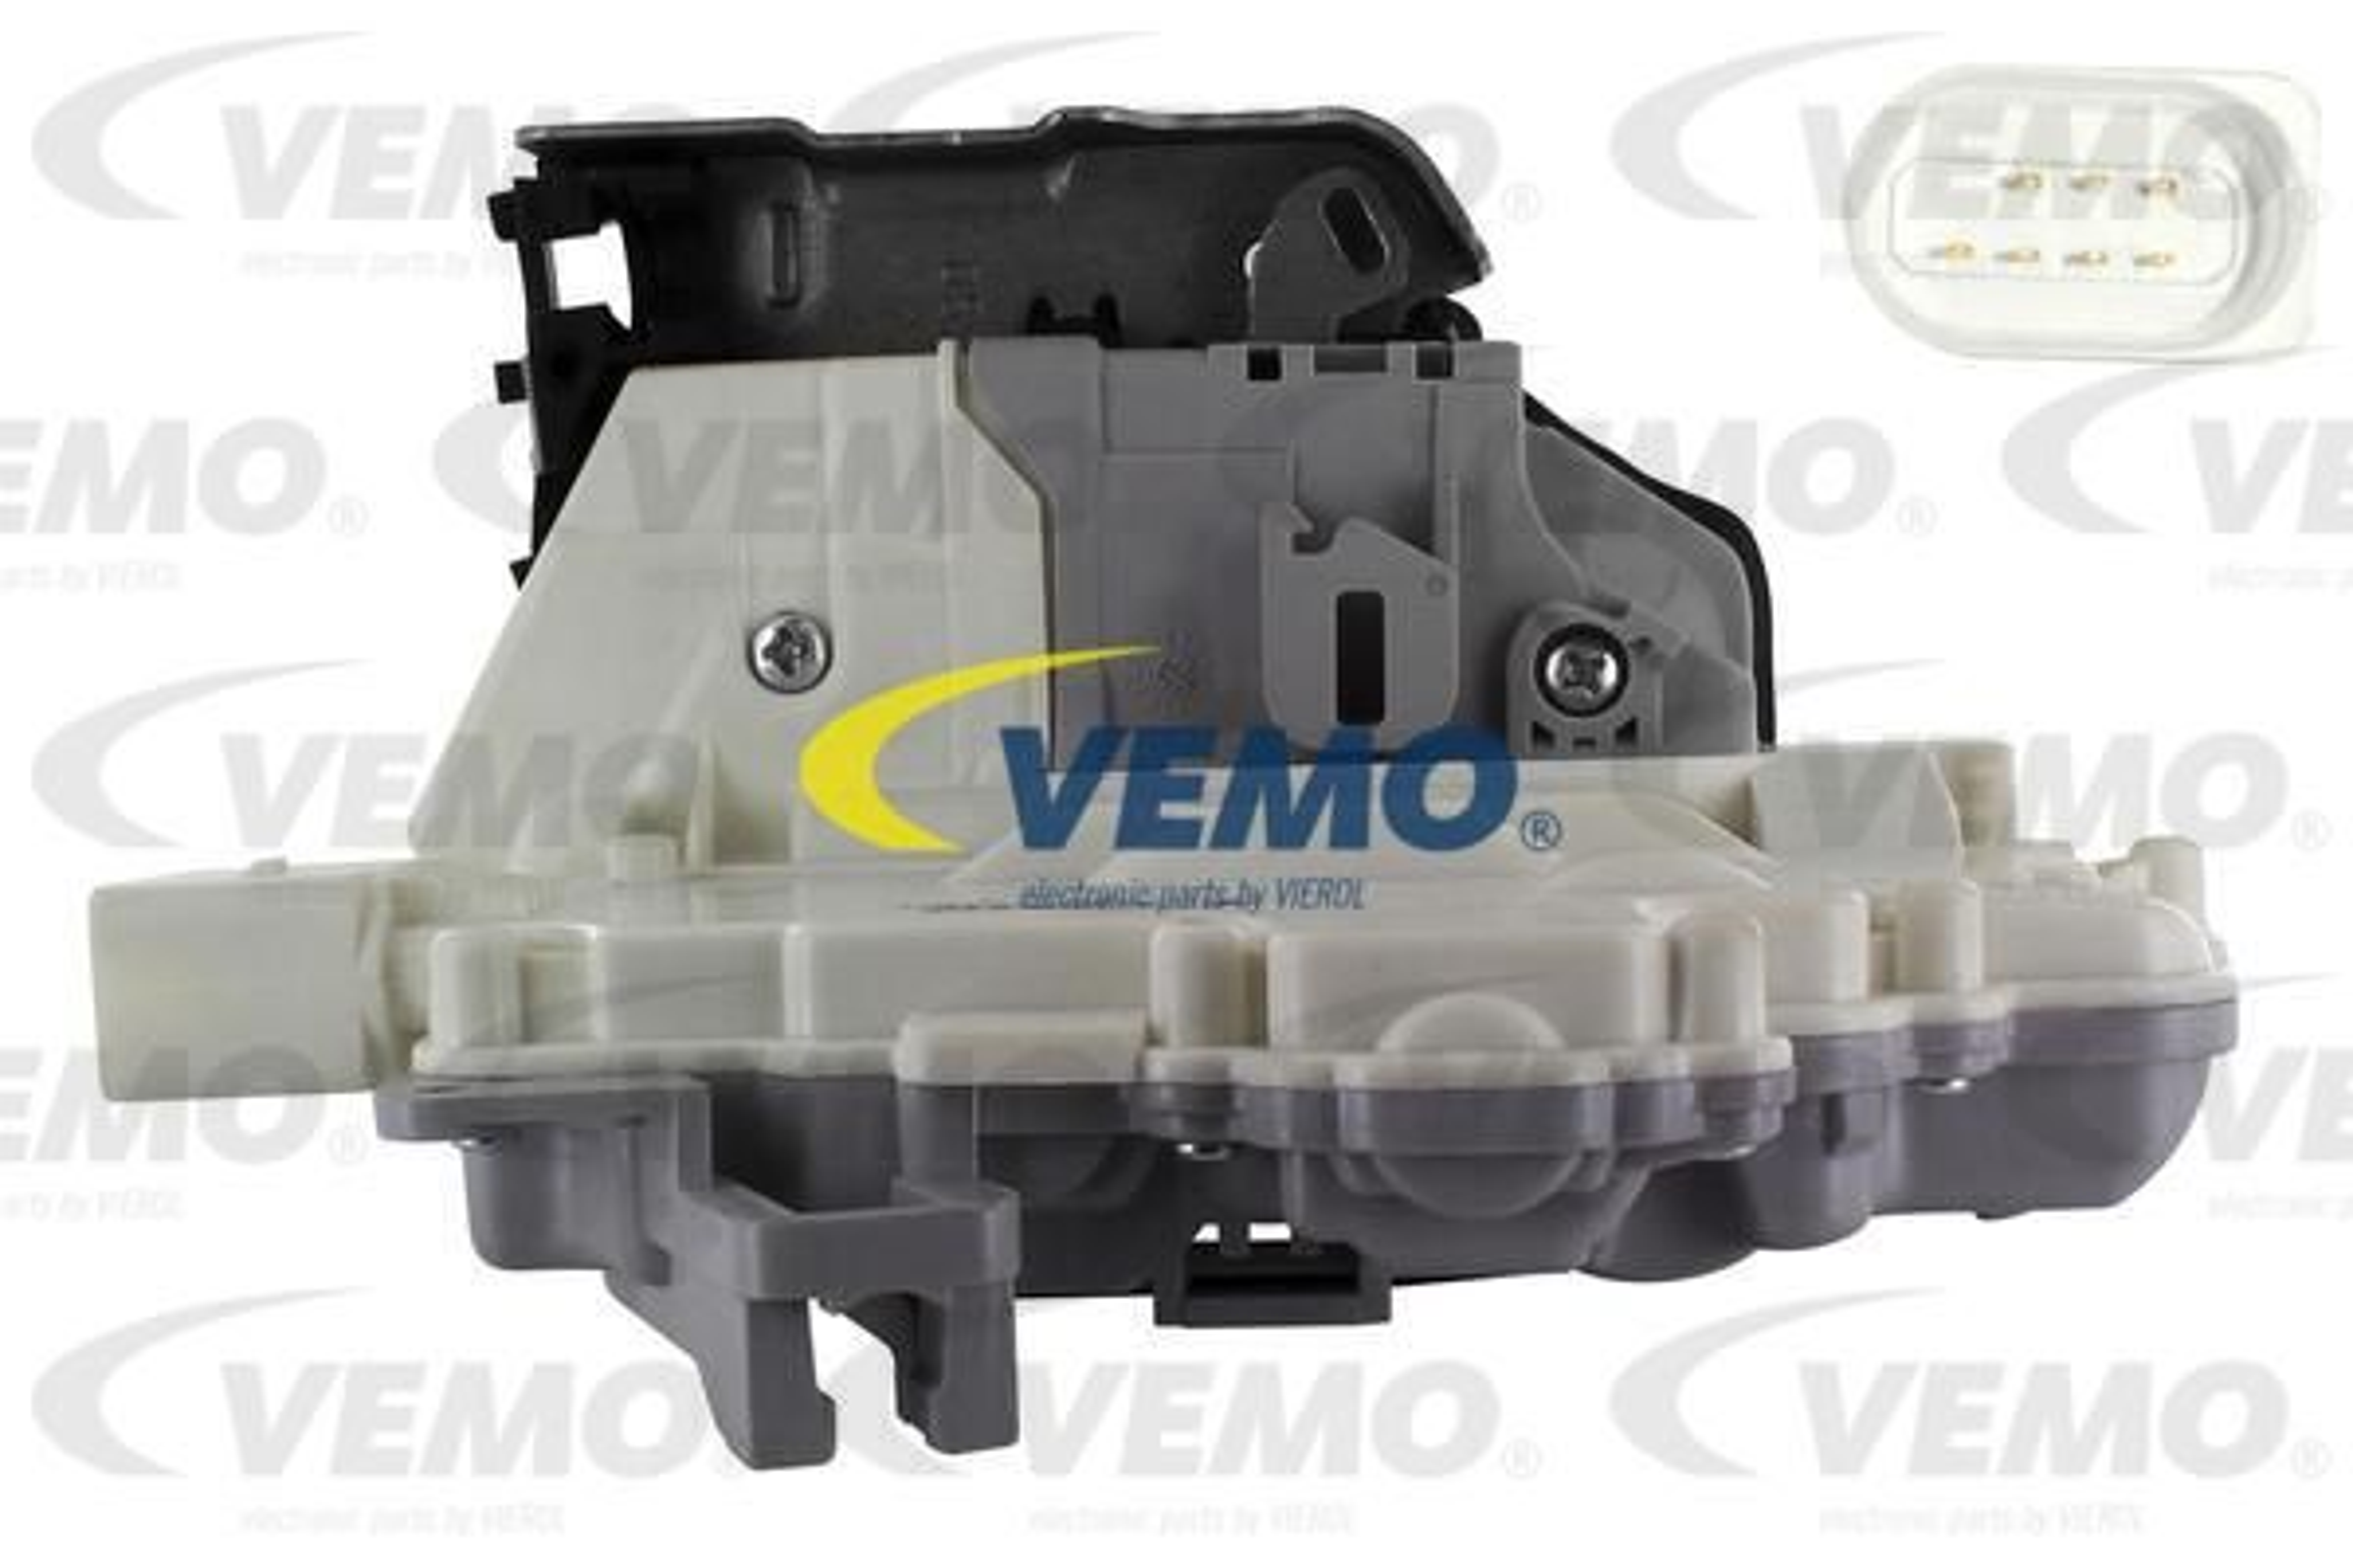 Deurslot VEMO V10-85-0030 Beoordelingen